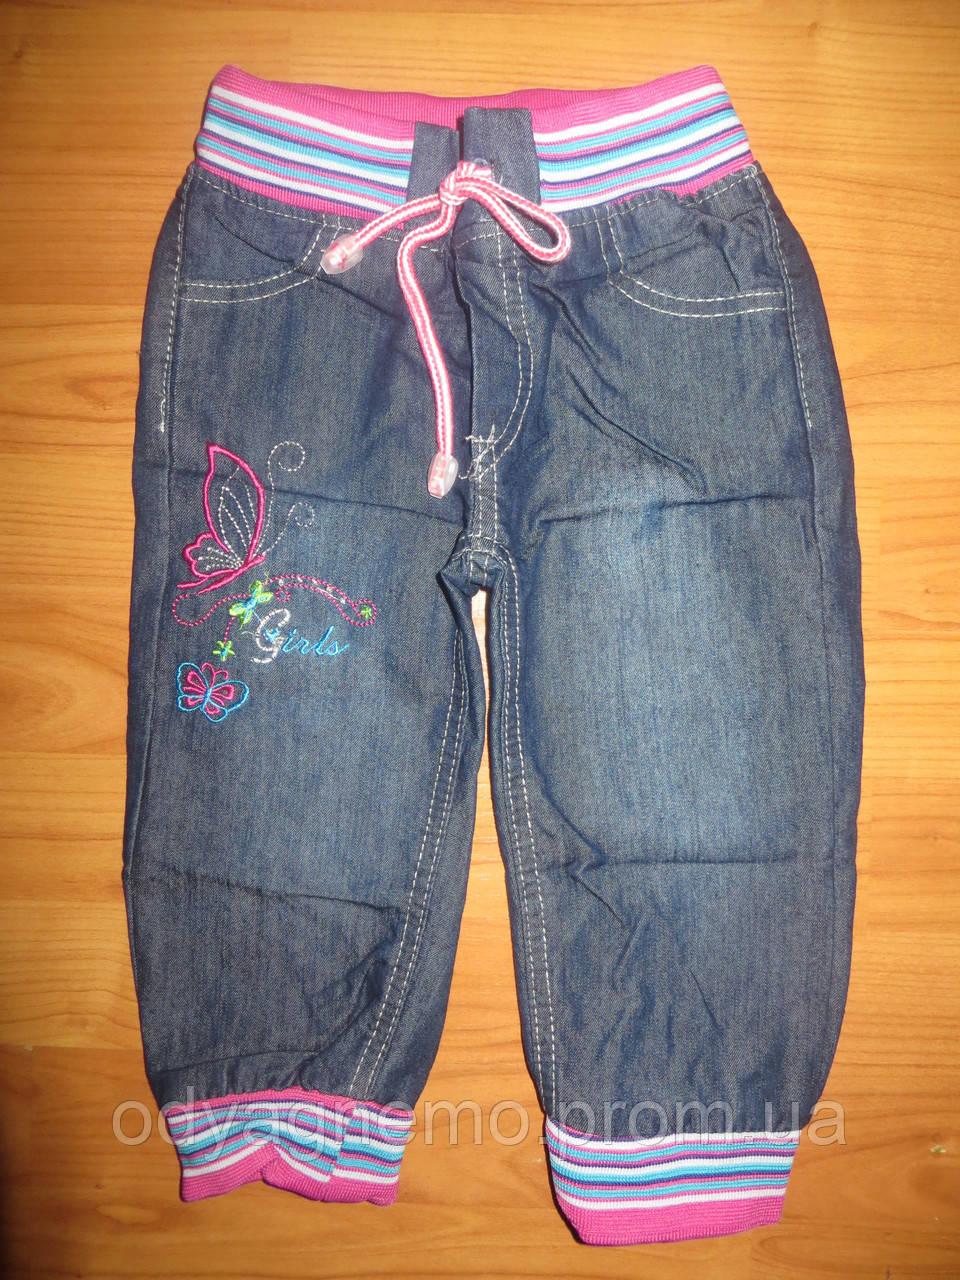 Джинсовые брюки для девочек Sincere оптом 98-128 pp.